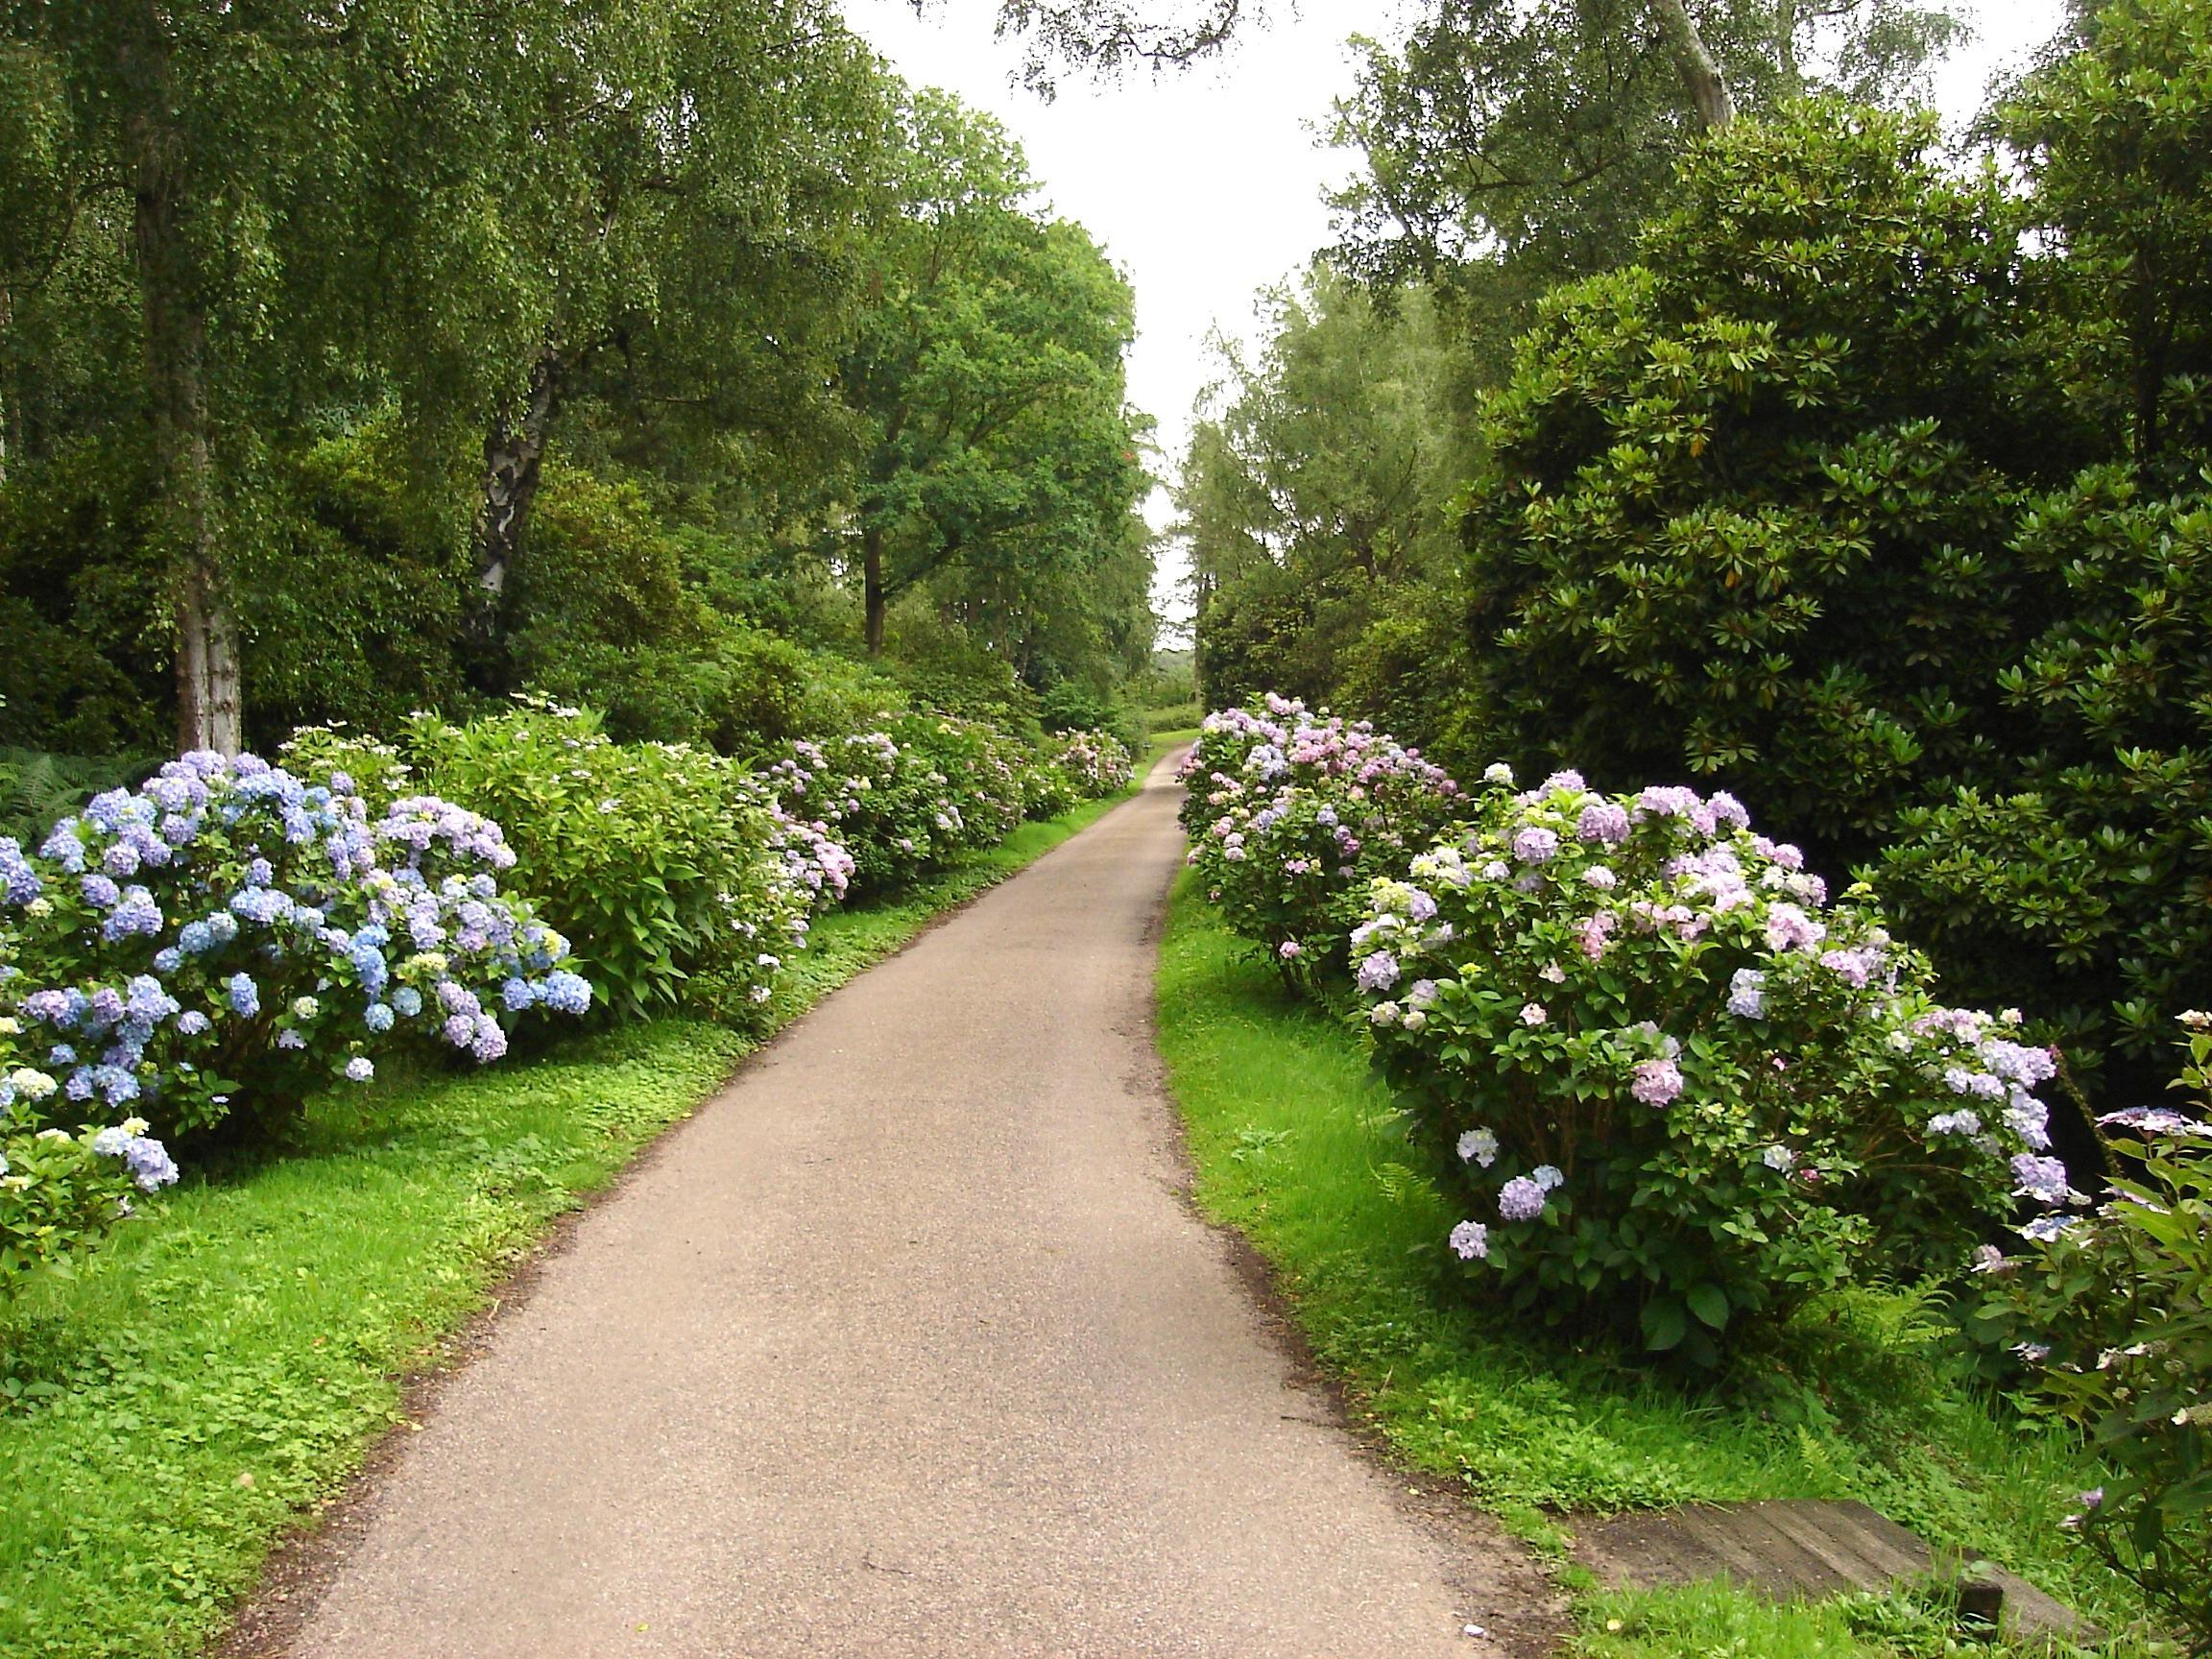 Images gratuites la nature chemin fleur pelouse voie for Arboles y arbustos para jardin